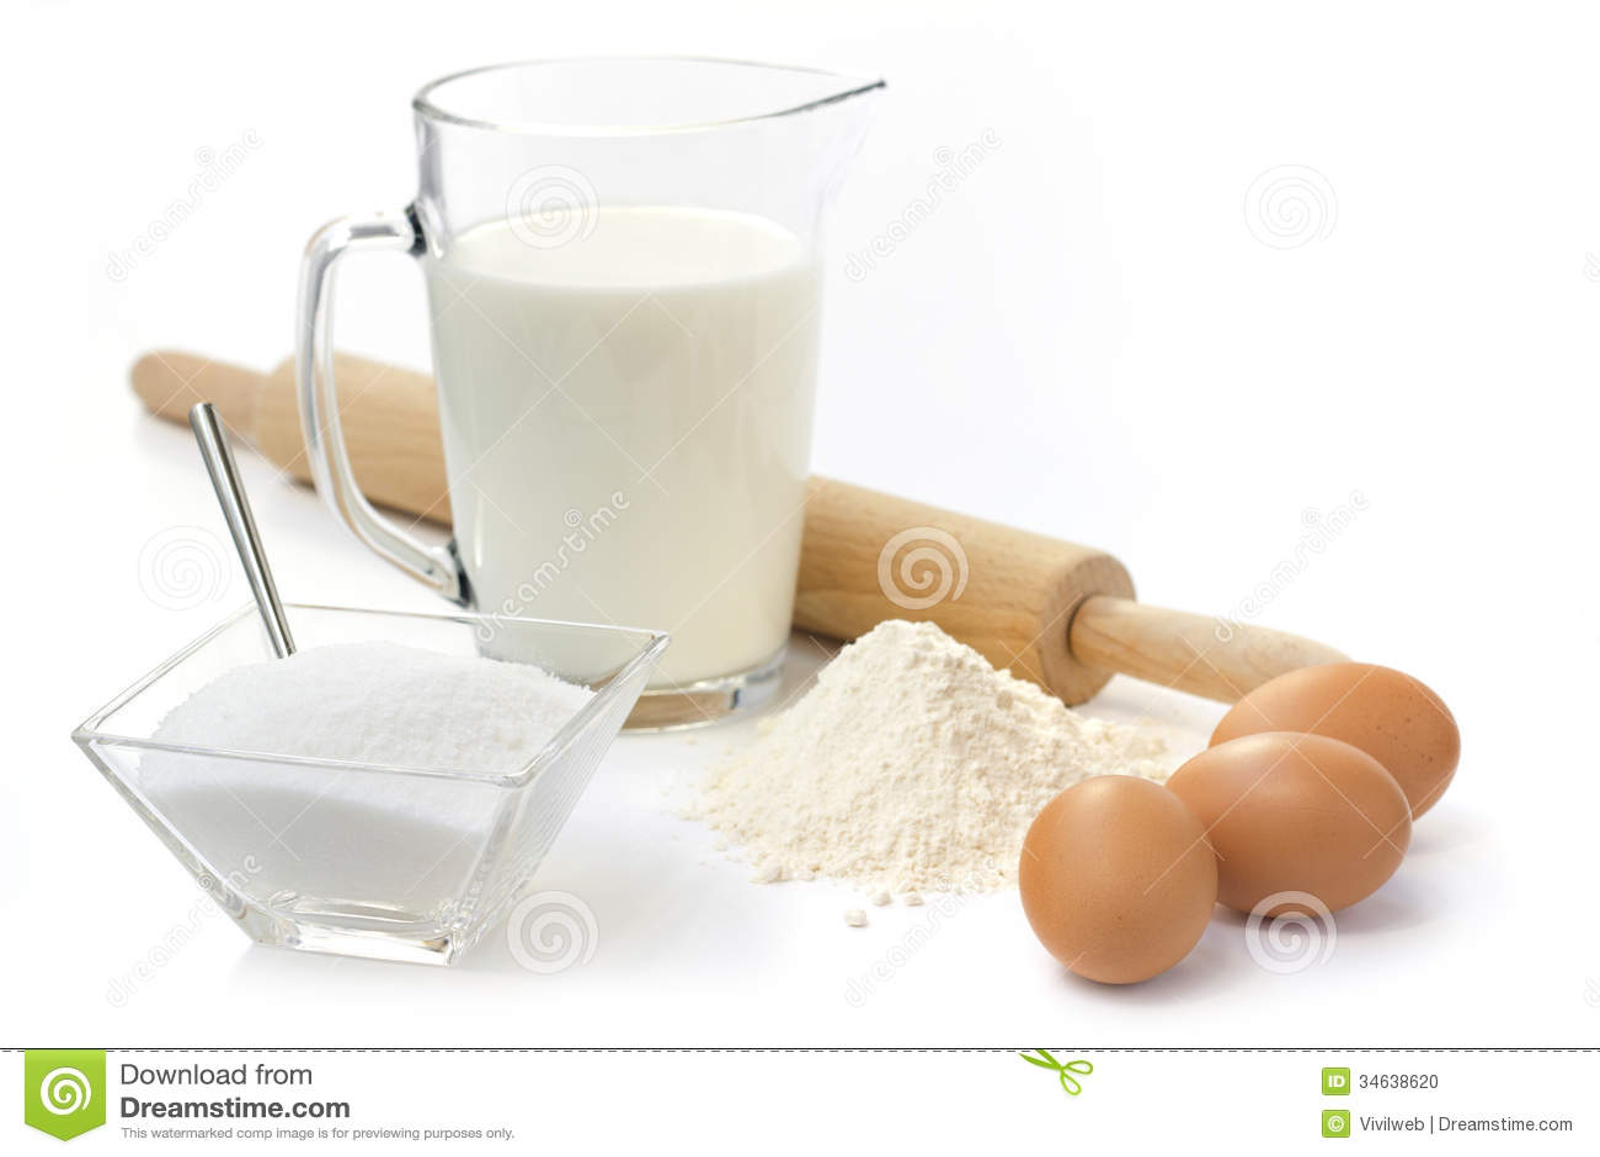 Яйца сахар мука ягоды